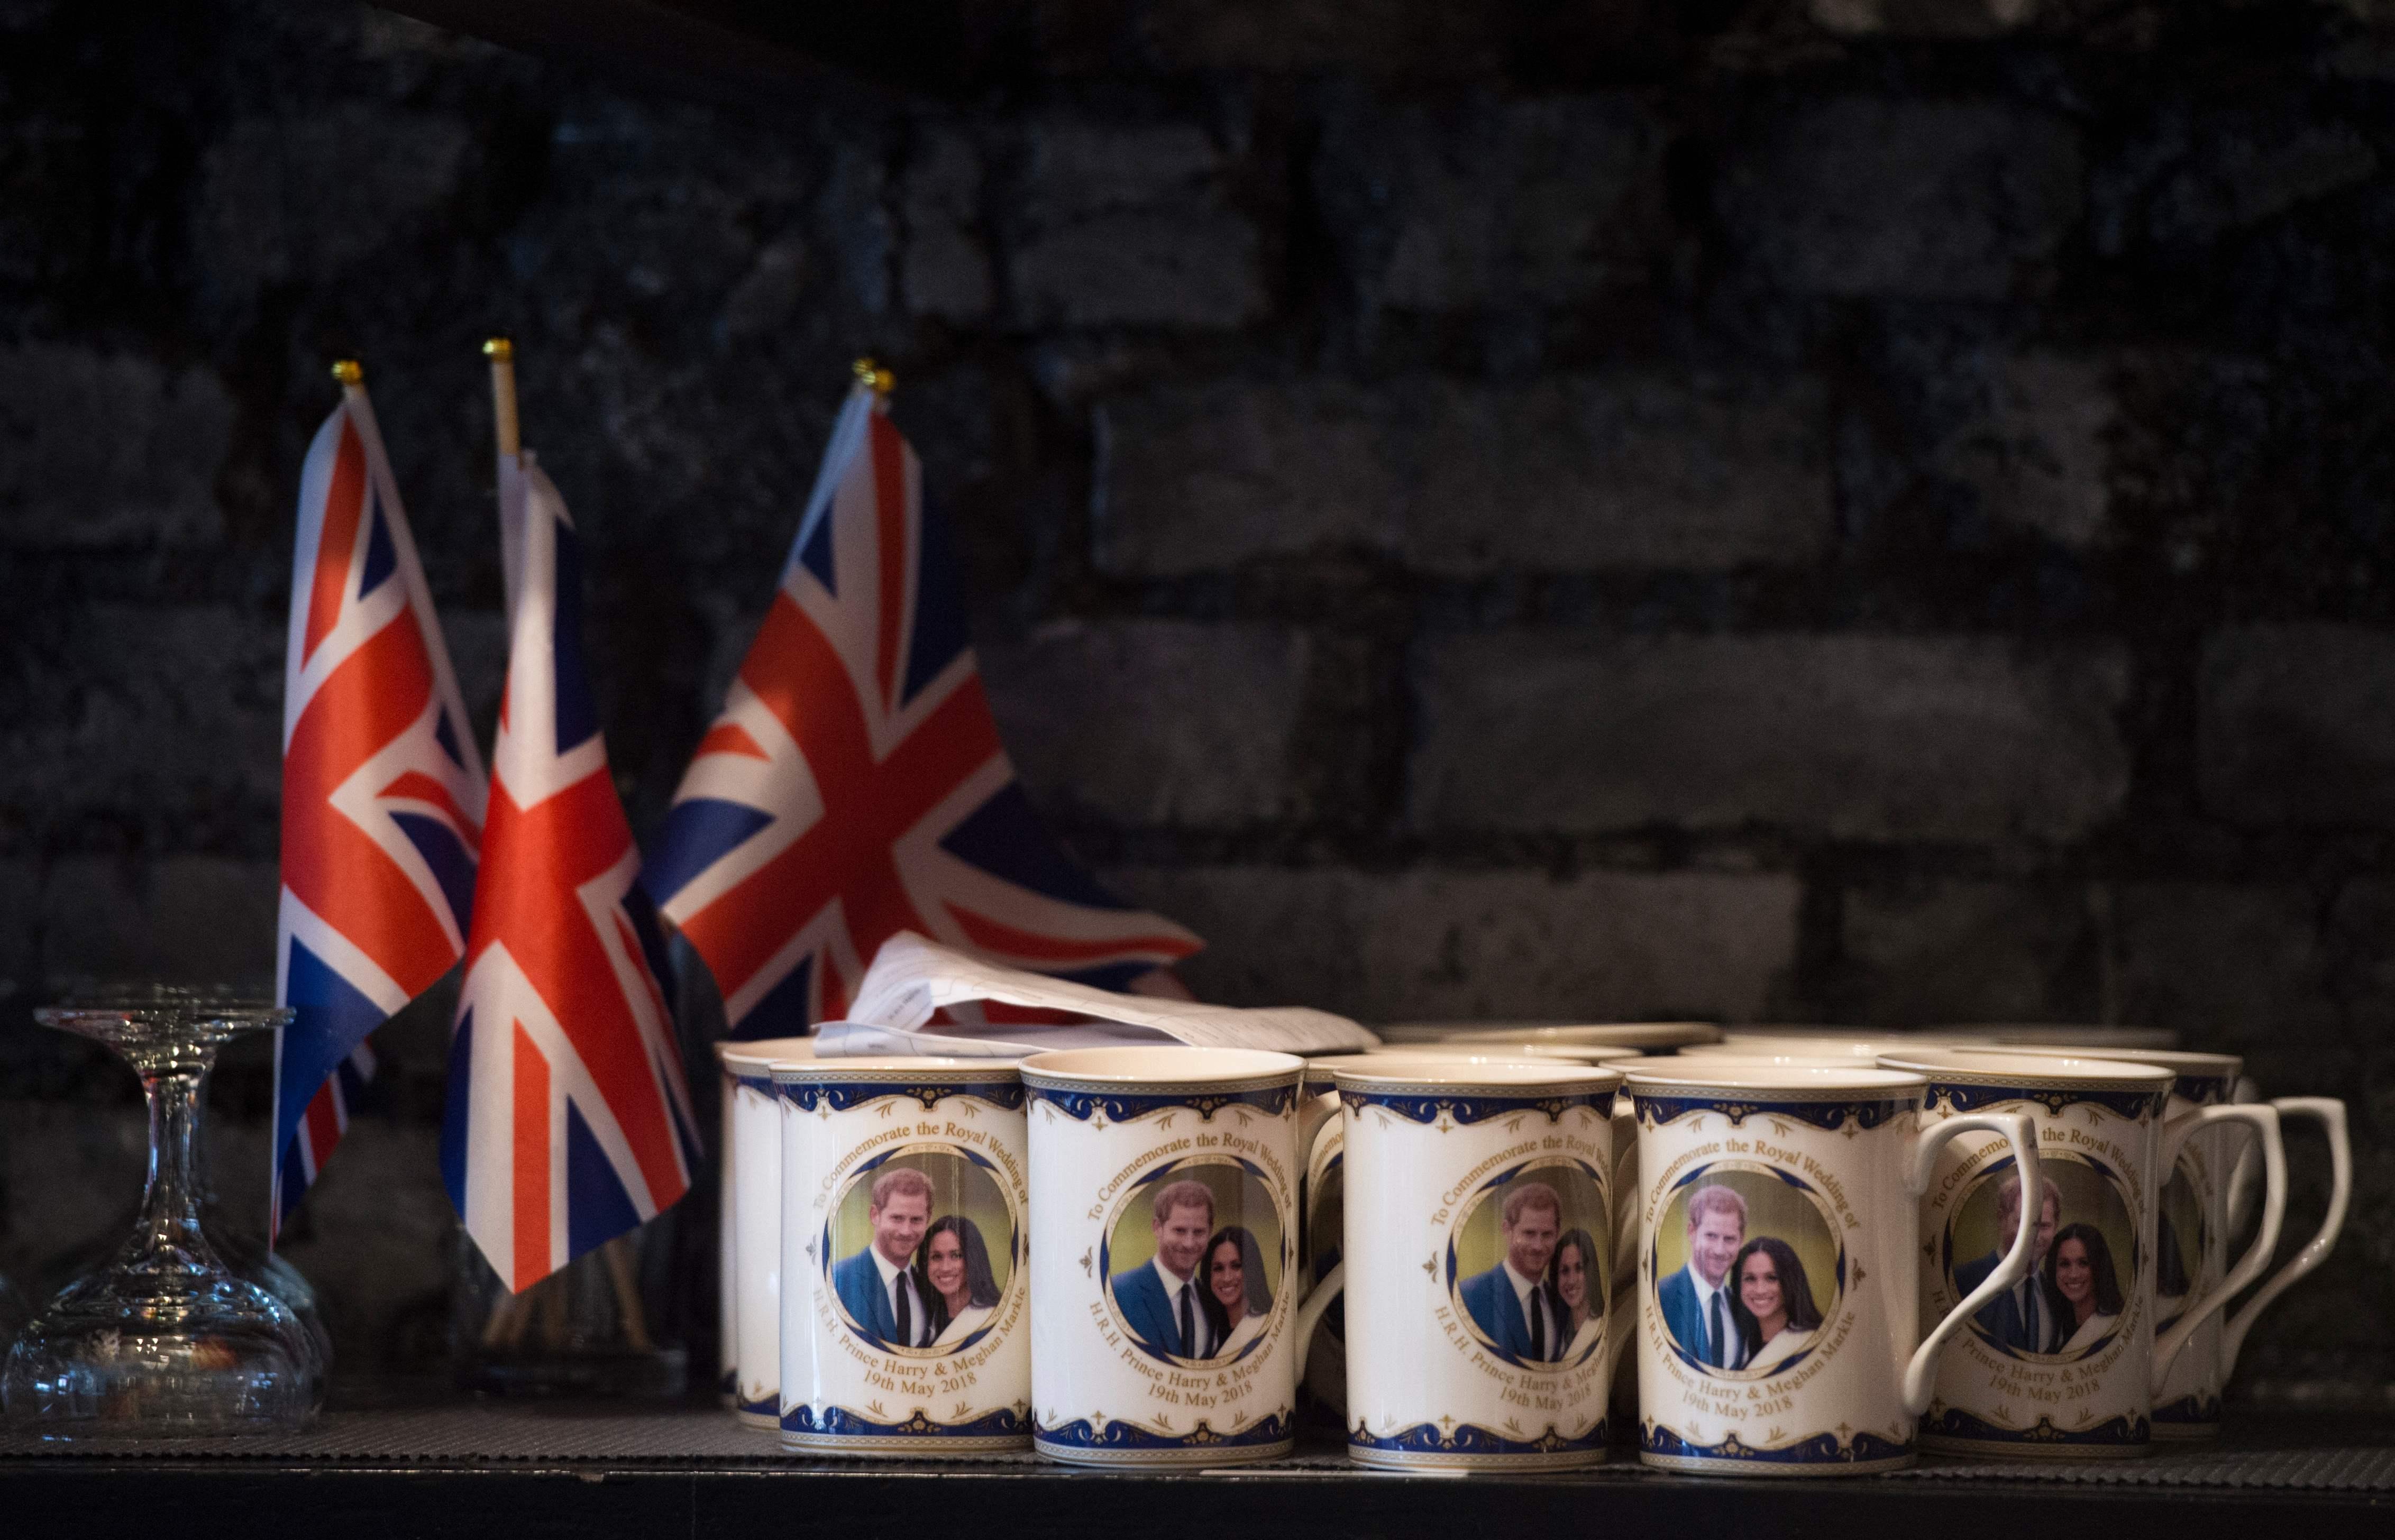 哈利王子大婚,華府一家酒吧推出皇室婚禮紀念品。(Getty Images)